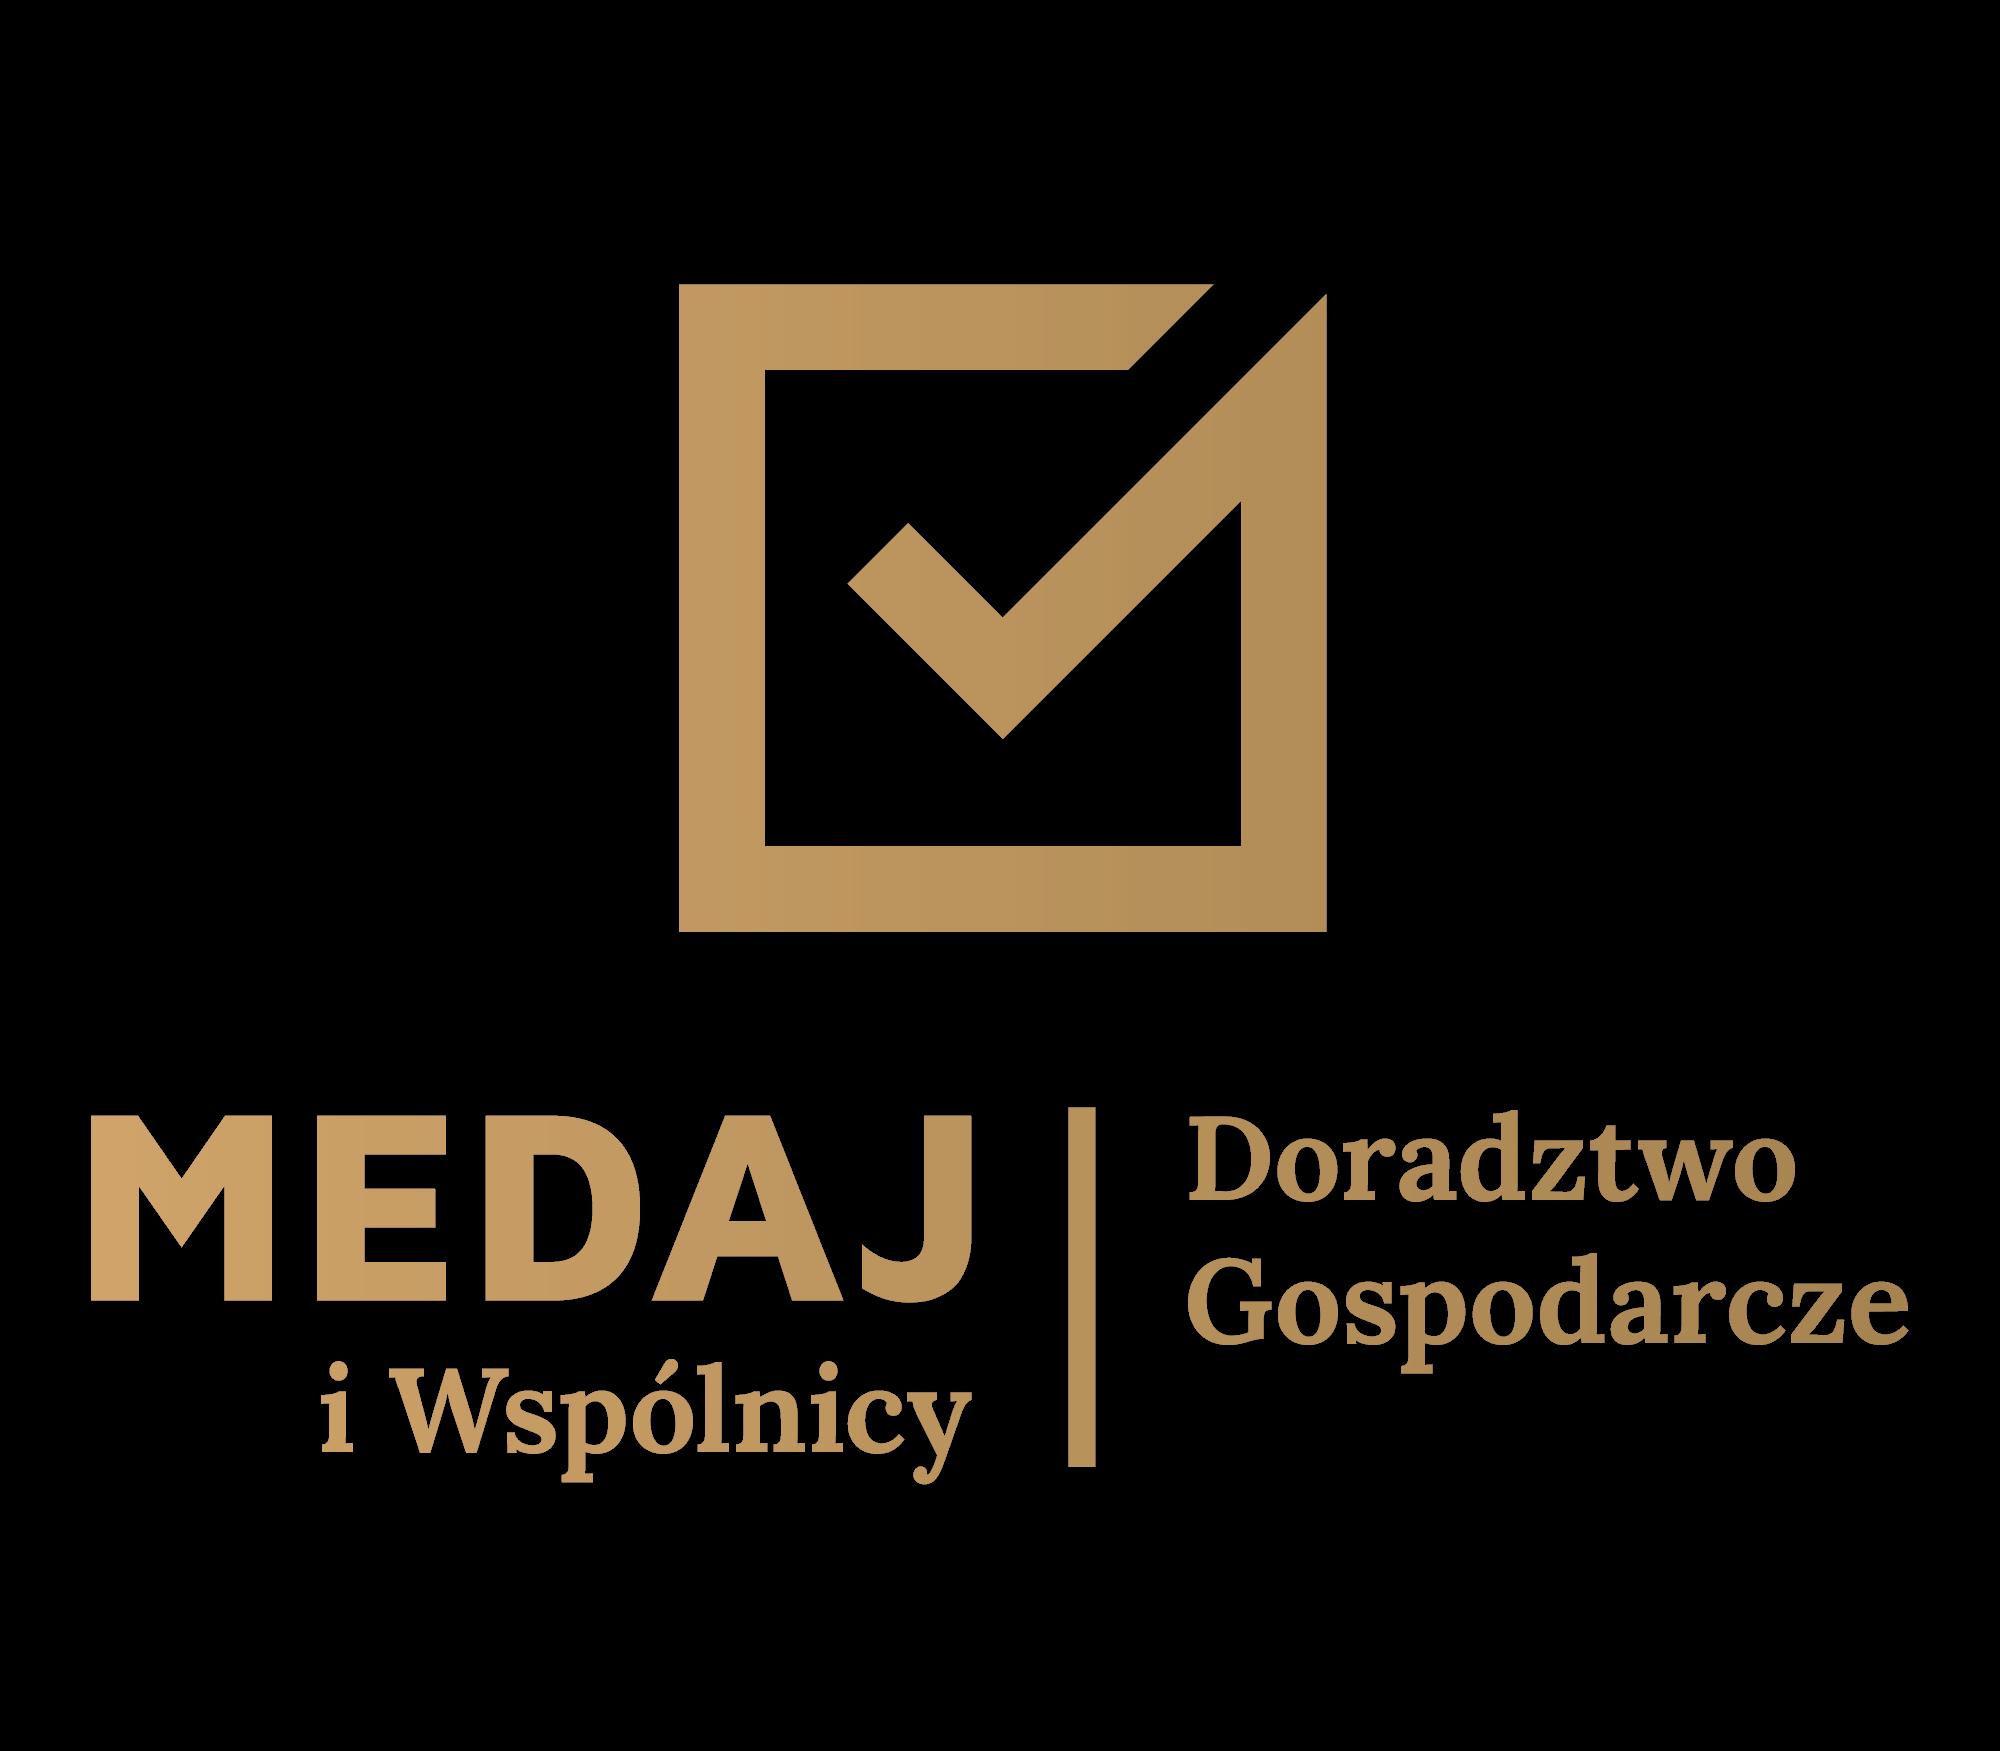 DGTM - Doradztwo Gospodarcze T. Medaj i Wspólnicy